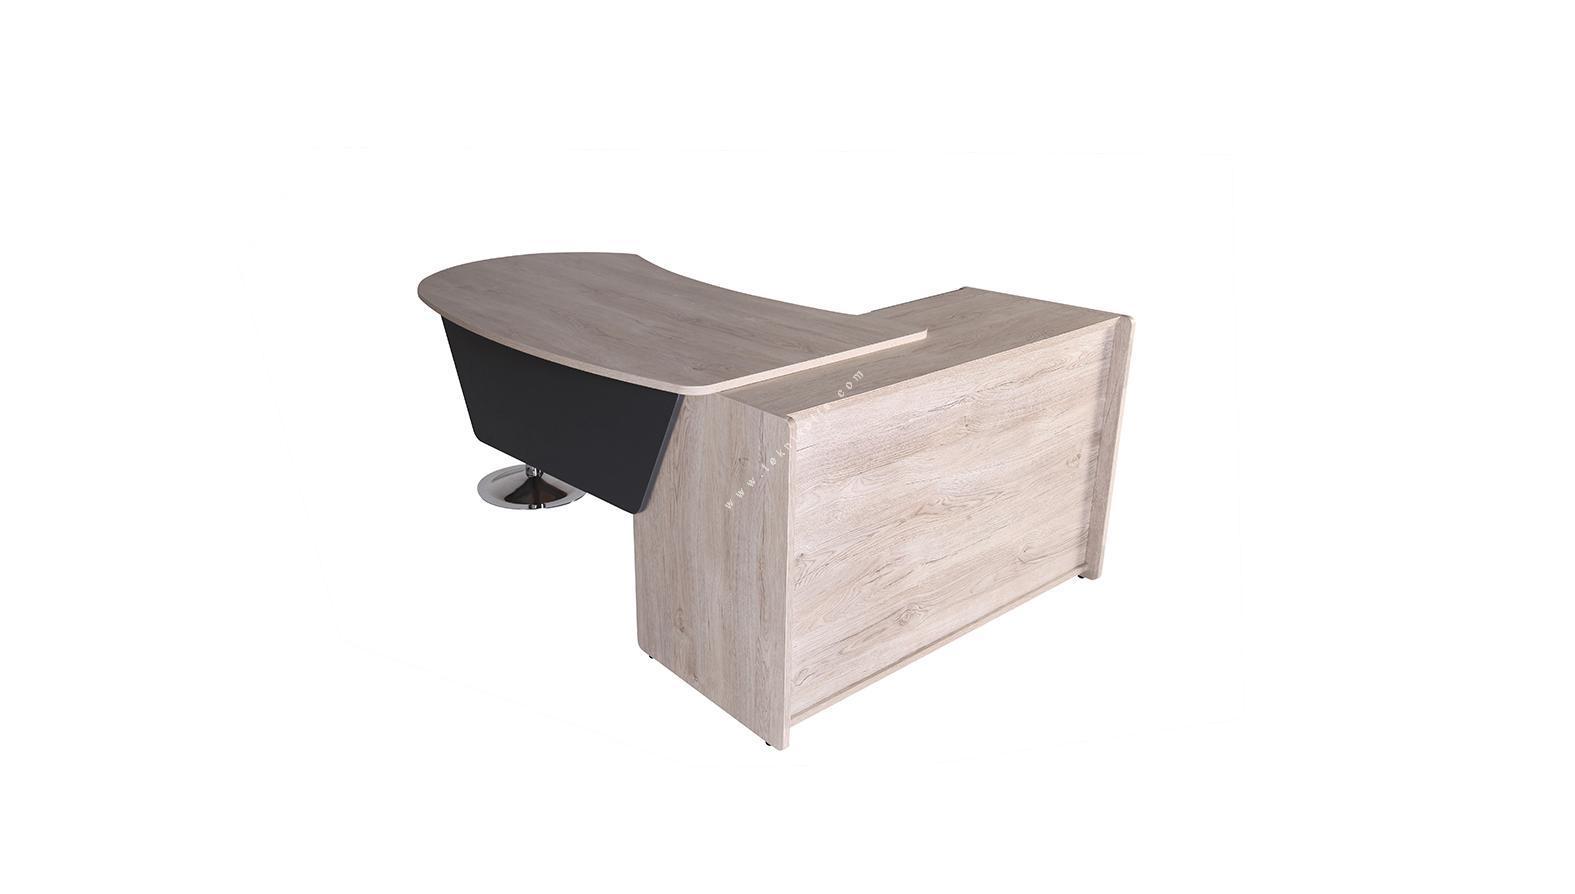 kolena sol etajerli yönetici masası 160cm